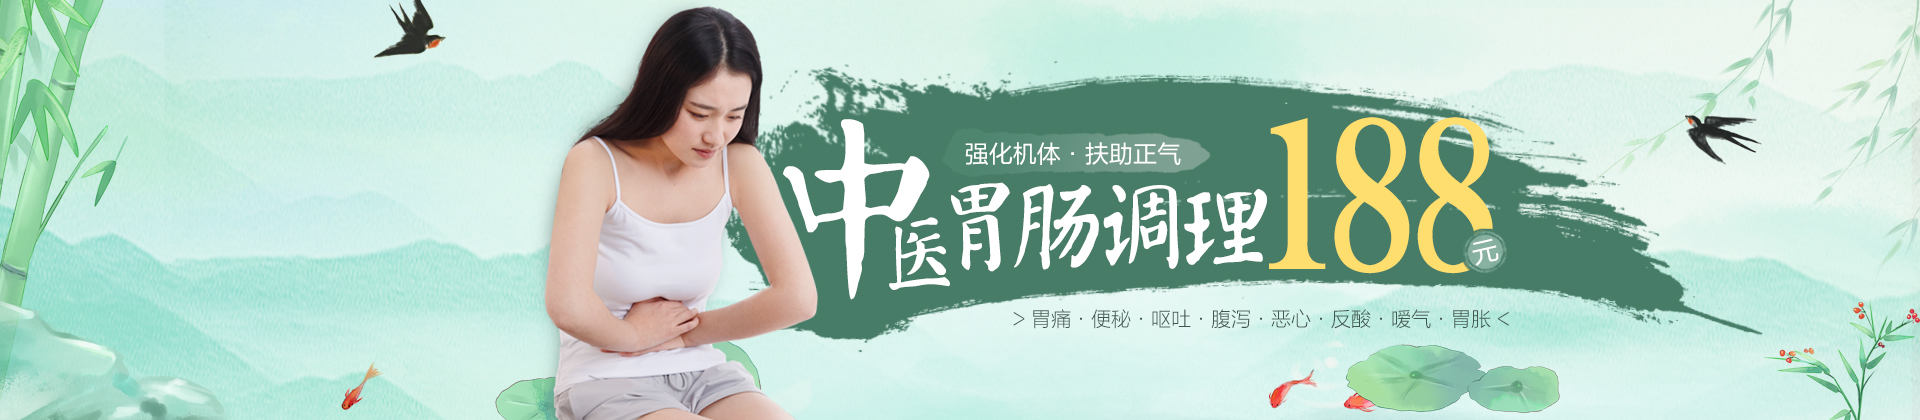 188元中醫胃腸調理 調治胃痛